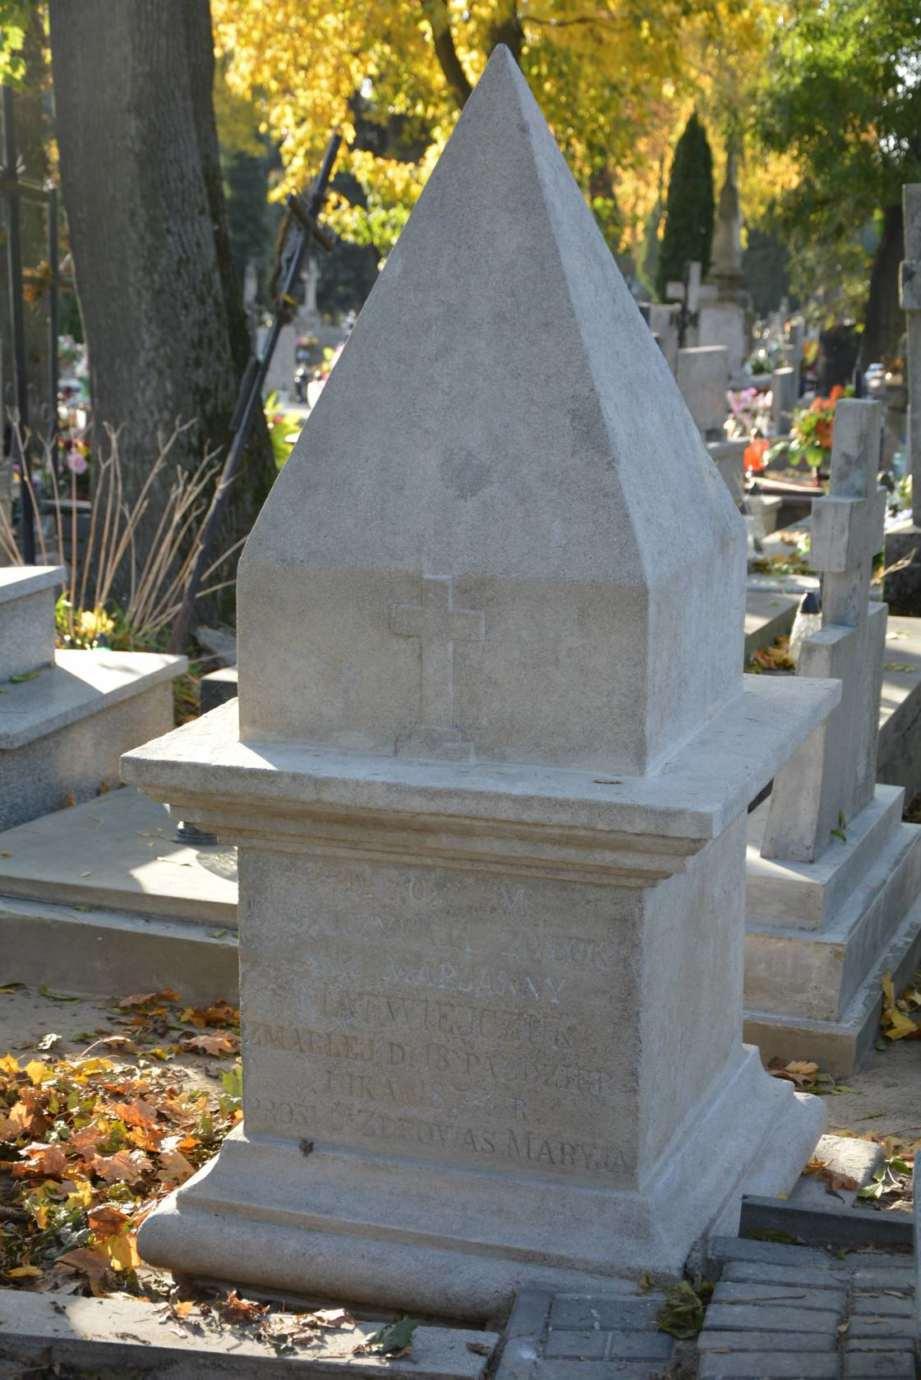 marjanna matwiejczuk 1 1 Zamość: Przed nami XIII Kwesta na Cmentarzu Parafialnym przy ul. Peowiaków (zdjęcia)